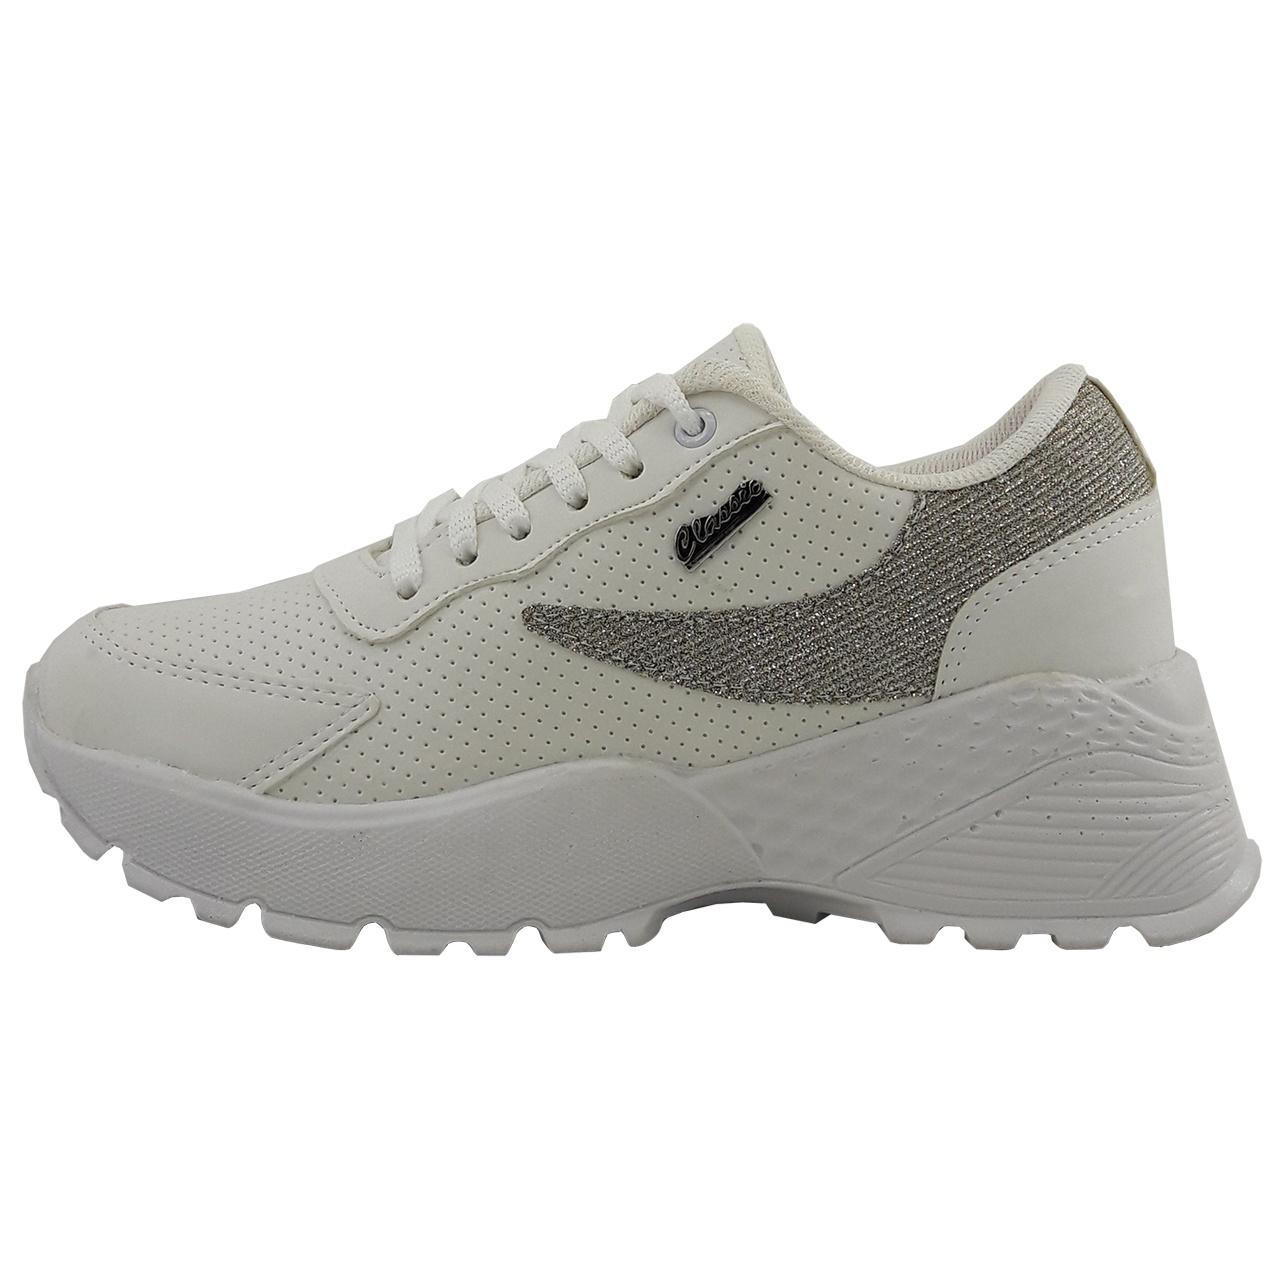 کفش راحتی زنانه مدل Gl.jh.wh.gld-01